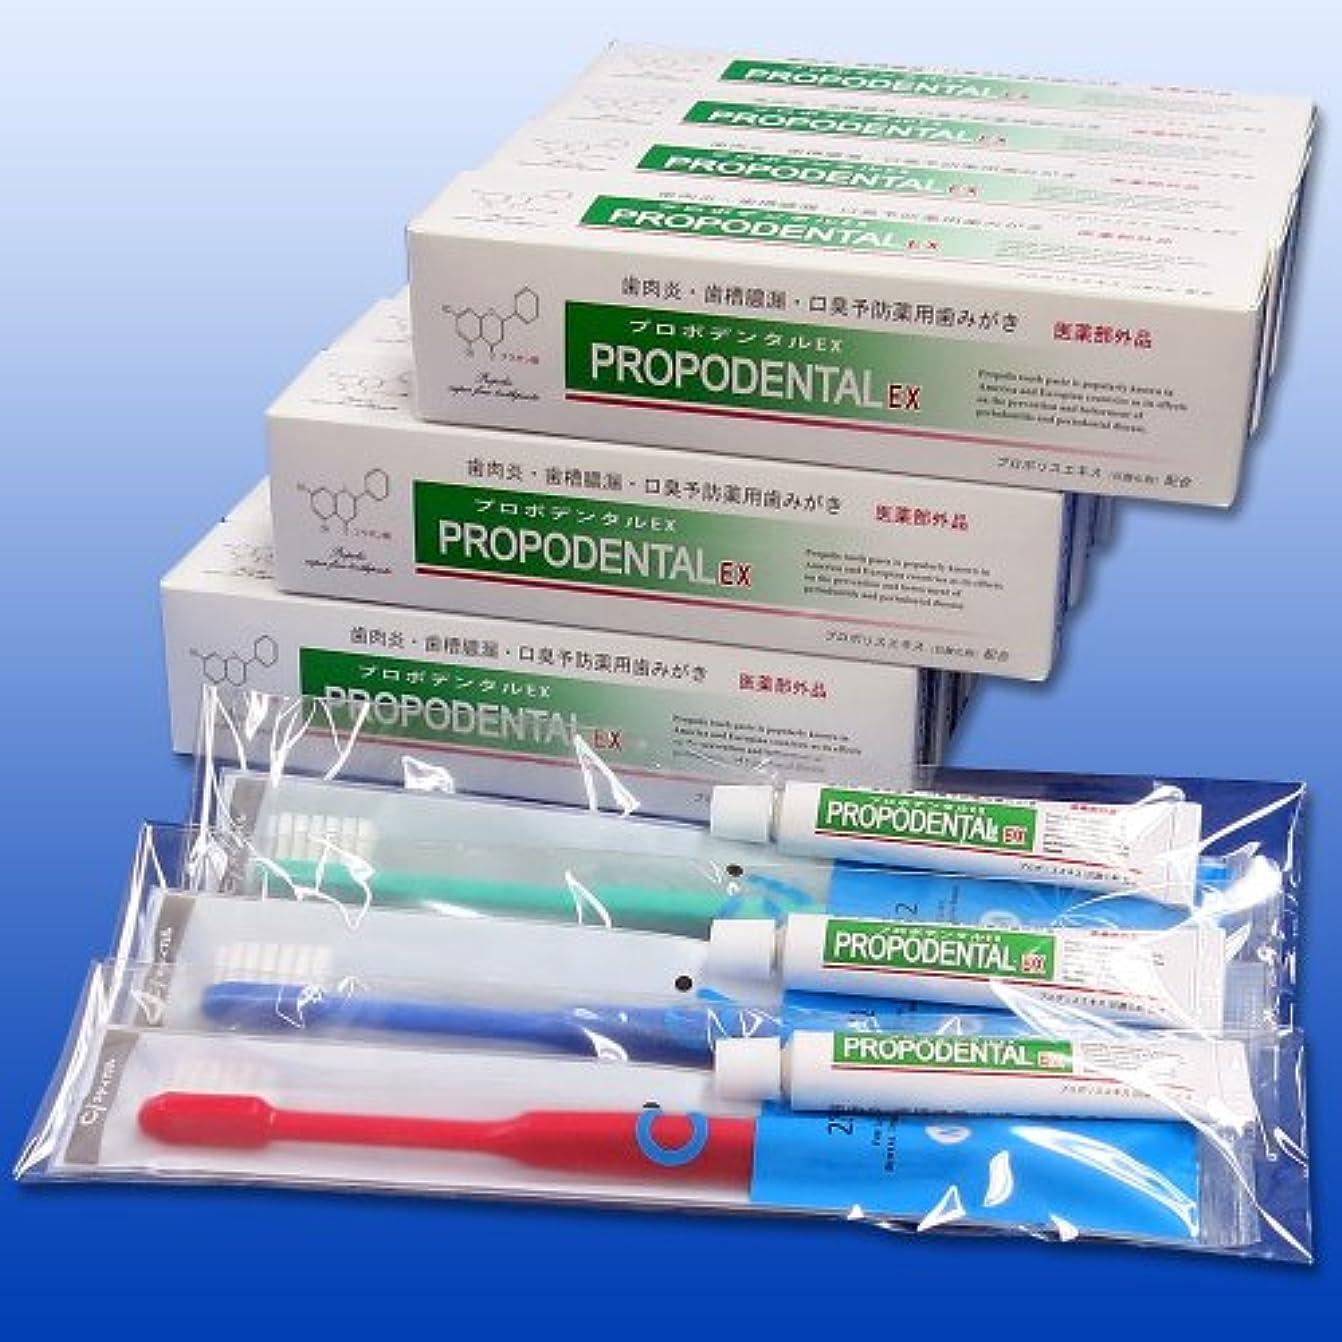 ラッドヤードキップリング酸素貨物プロポデンタルEX(80g)12本セット+ハブラシセット 3セット【歯周病】歯磨き粉 プロポリス配合薬用歯みがき 口臭ケア